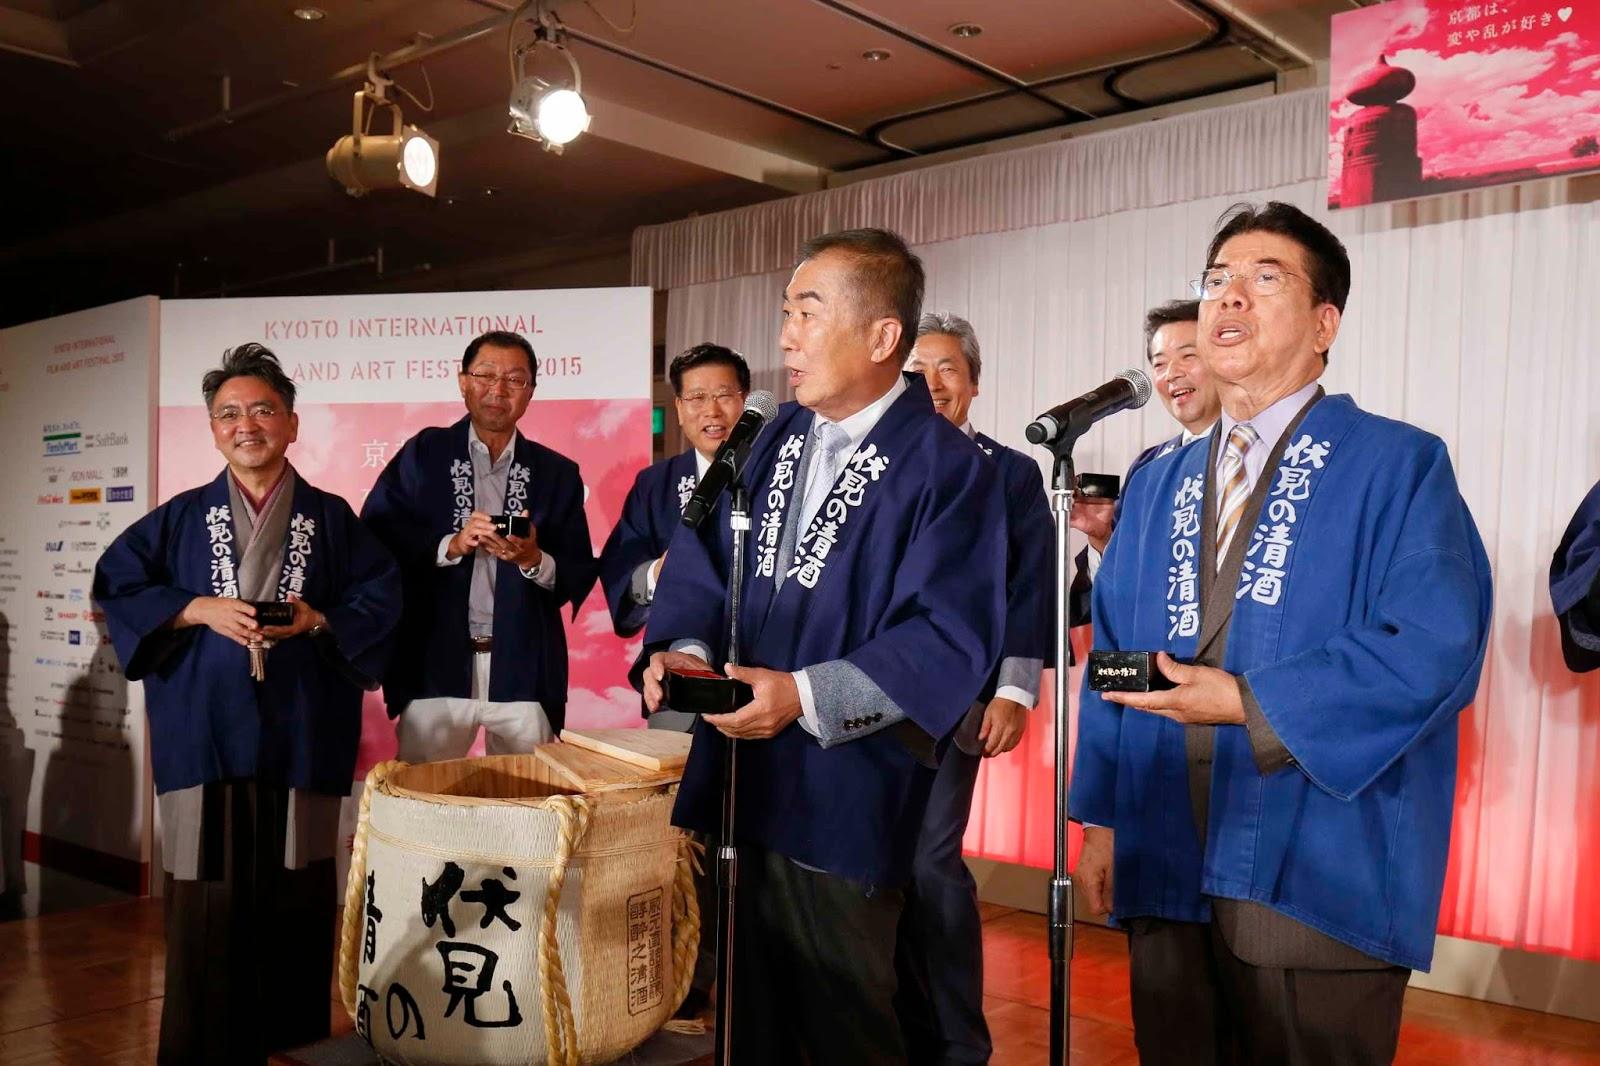 京都国際映画祭2015 – アゴラ